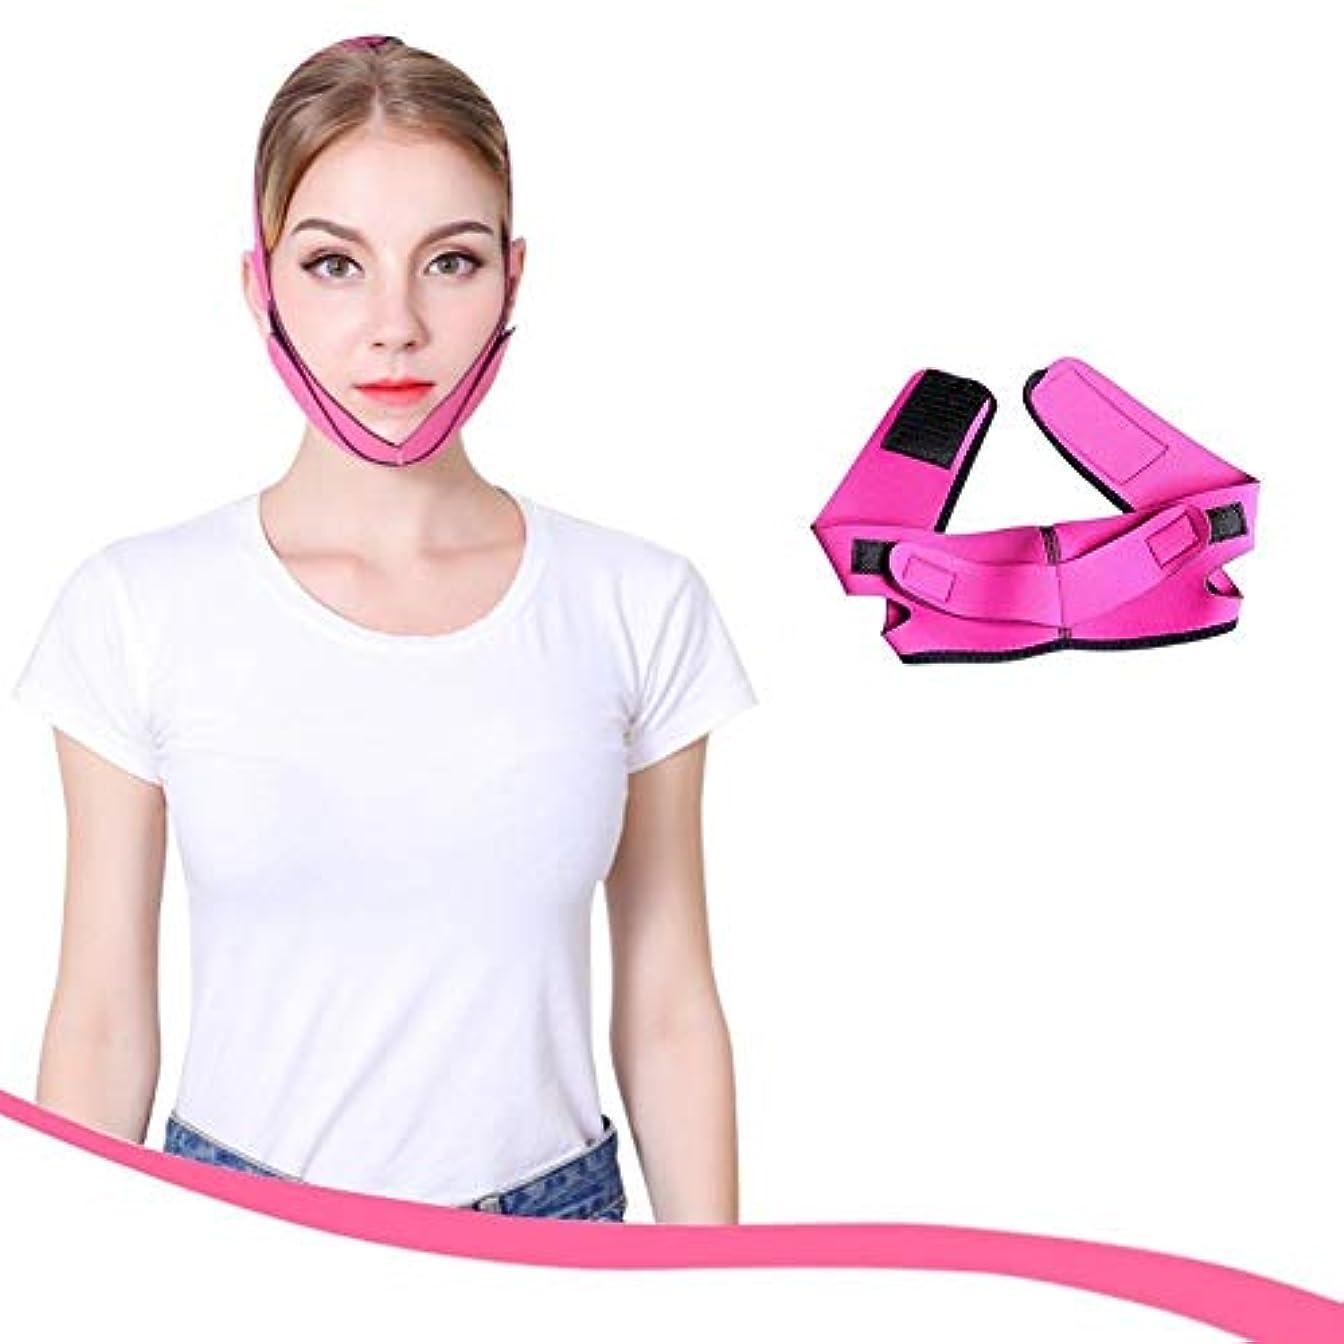 インフラ羨望小切手WSJTT 顔包帯顔スリムは二重あごをなくす女性と女の子のためのベルトフェイスマッサージツールをリフティングVラインフェイスシェイプチンチークリフトアップアンチリンクルを作成します。